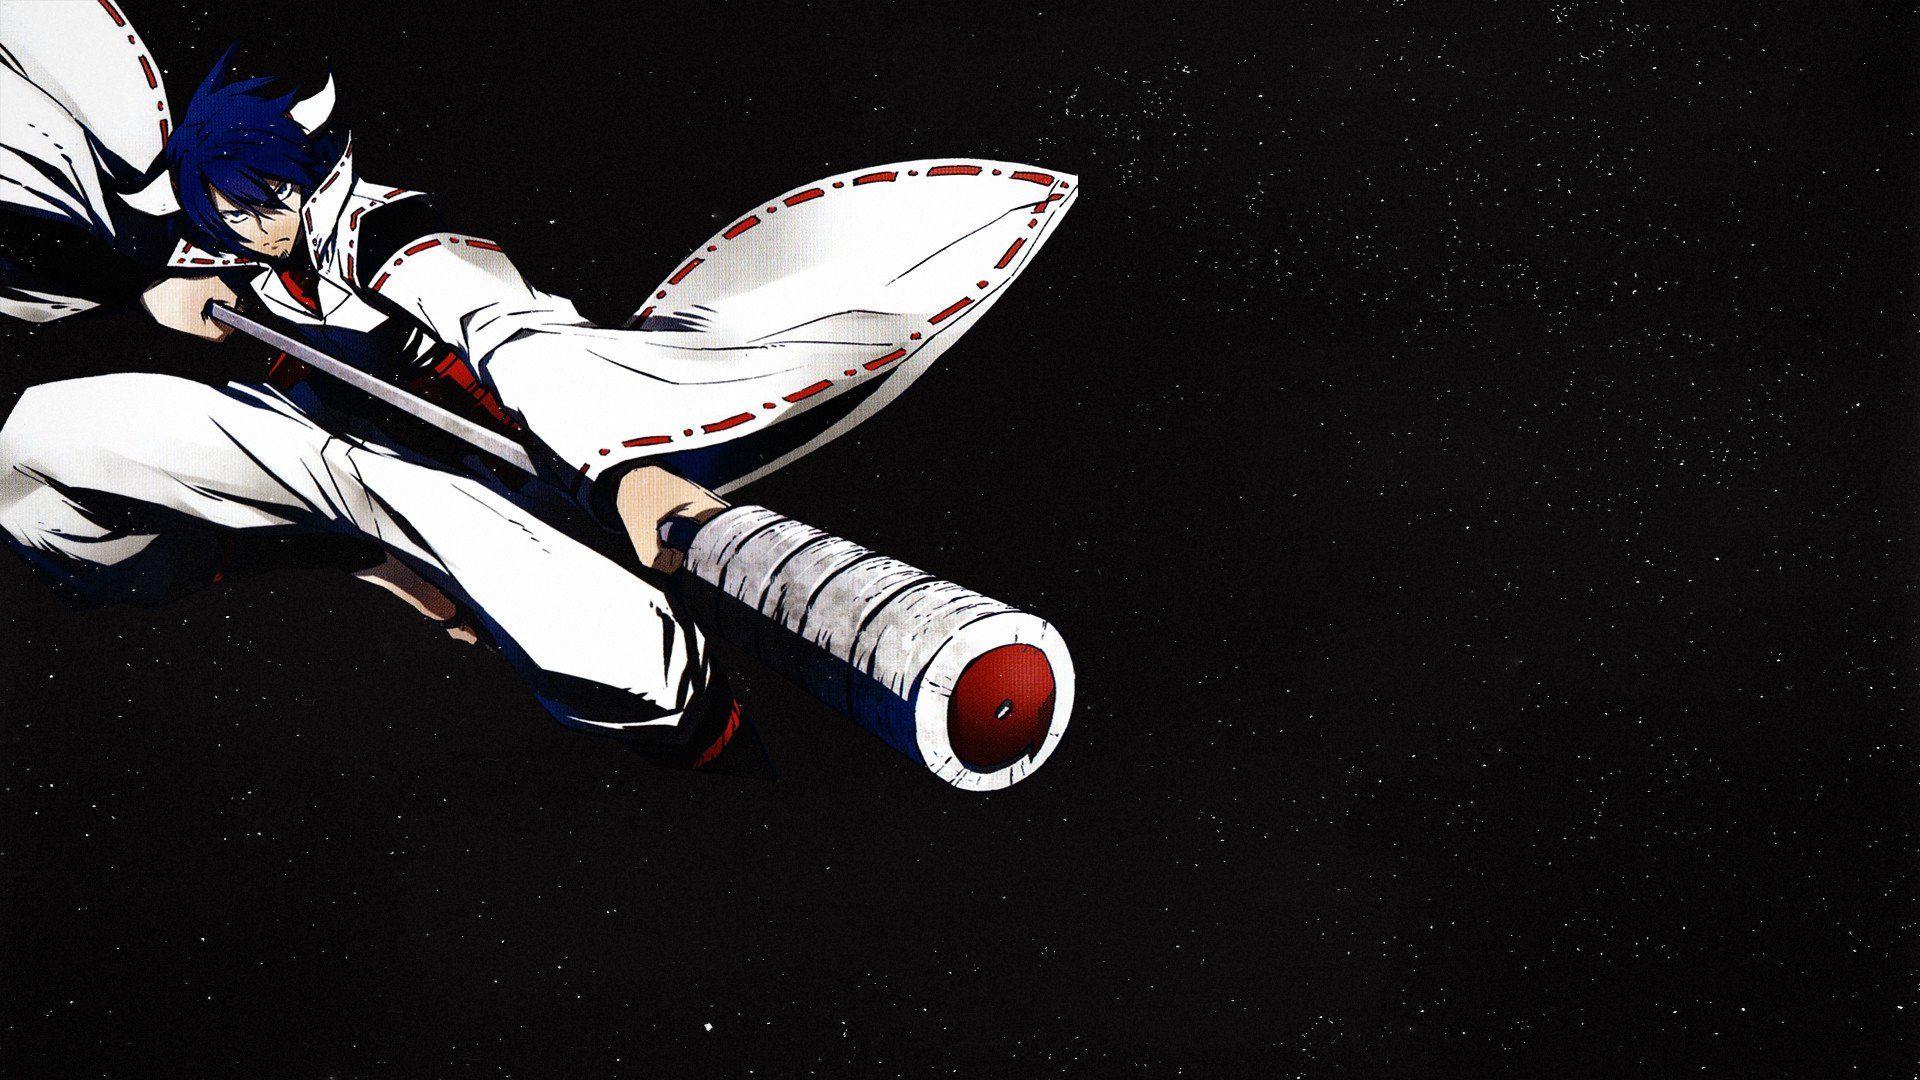 Anime Akame Ga Kill! Susanoo (Akame Ga Kill!) Wallpaper   Akame ga kill. Anime. Anime paper